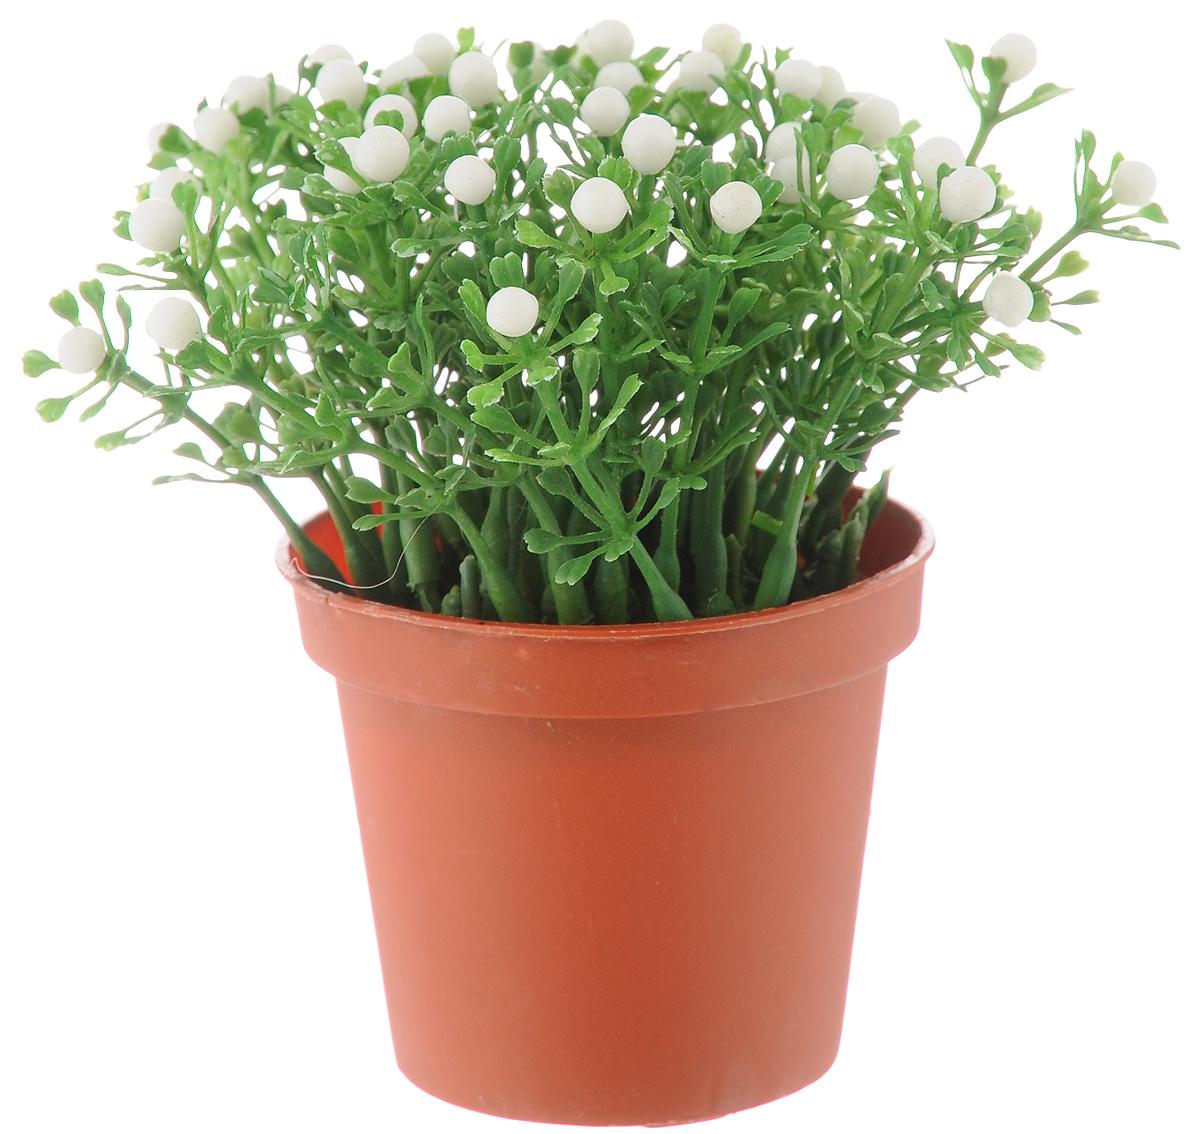 Растение искусственное для мини-сада Bloom`its, высота 13 см. 80483804833_коричневый/зеленый/белыйИскусственное растение Bloom`its поможет создать свой собственный мини-сад. Заниматься ландшафтным дизайном и декором теперь можно, даже если у вас нет своего загородного дома, причем не выходя из дома. Устройте себе удовольствие садовода, собирая миниатюрные фигурки и составляя из них различные композиции. Объедините миниатюрные изделия в емкости (керамический горшок, корзина, деревянный ящик или стеклянная посуда) и добавьте мини-растения. Это поможет увлекательно провести время, раскроет ваше воображение и фантазию, а результат работы станет стильным и необычным украшением интерьера. Высота растения: 13 см. Диаметр растения: 11 см.